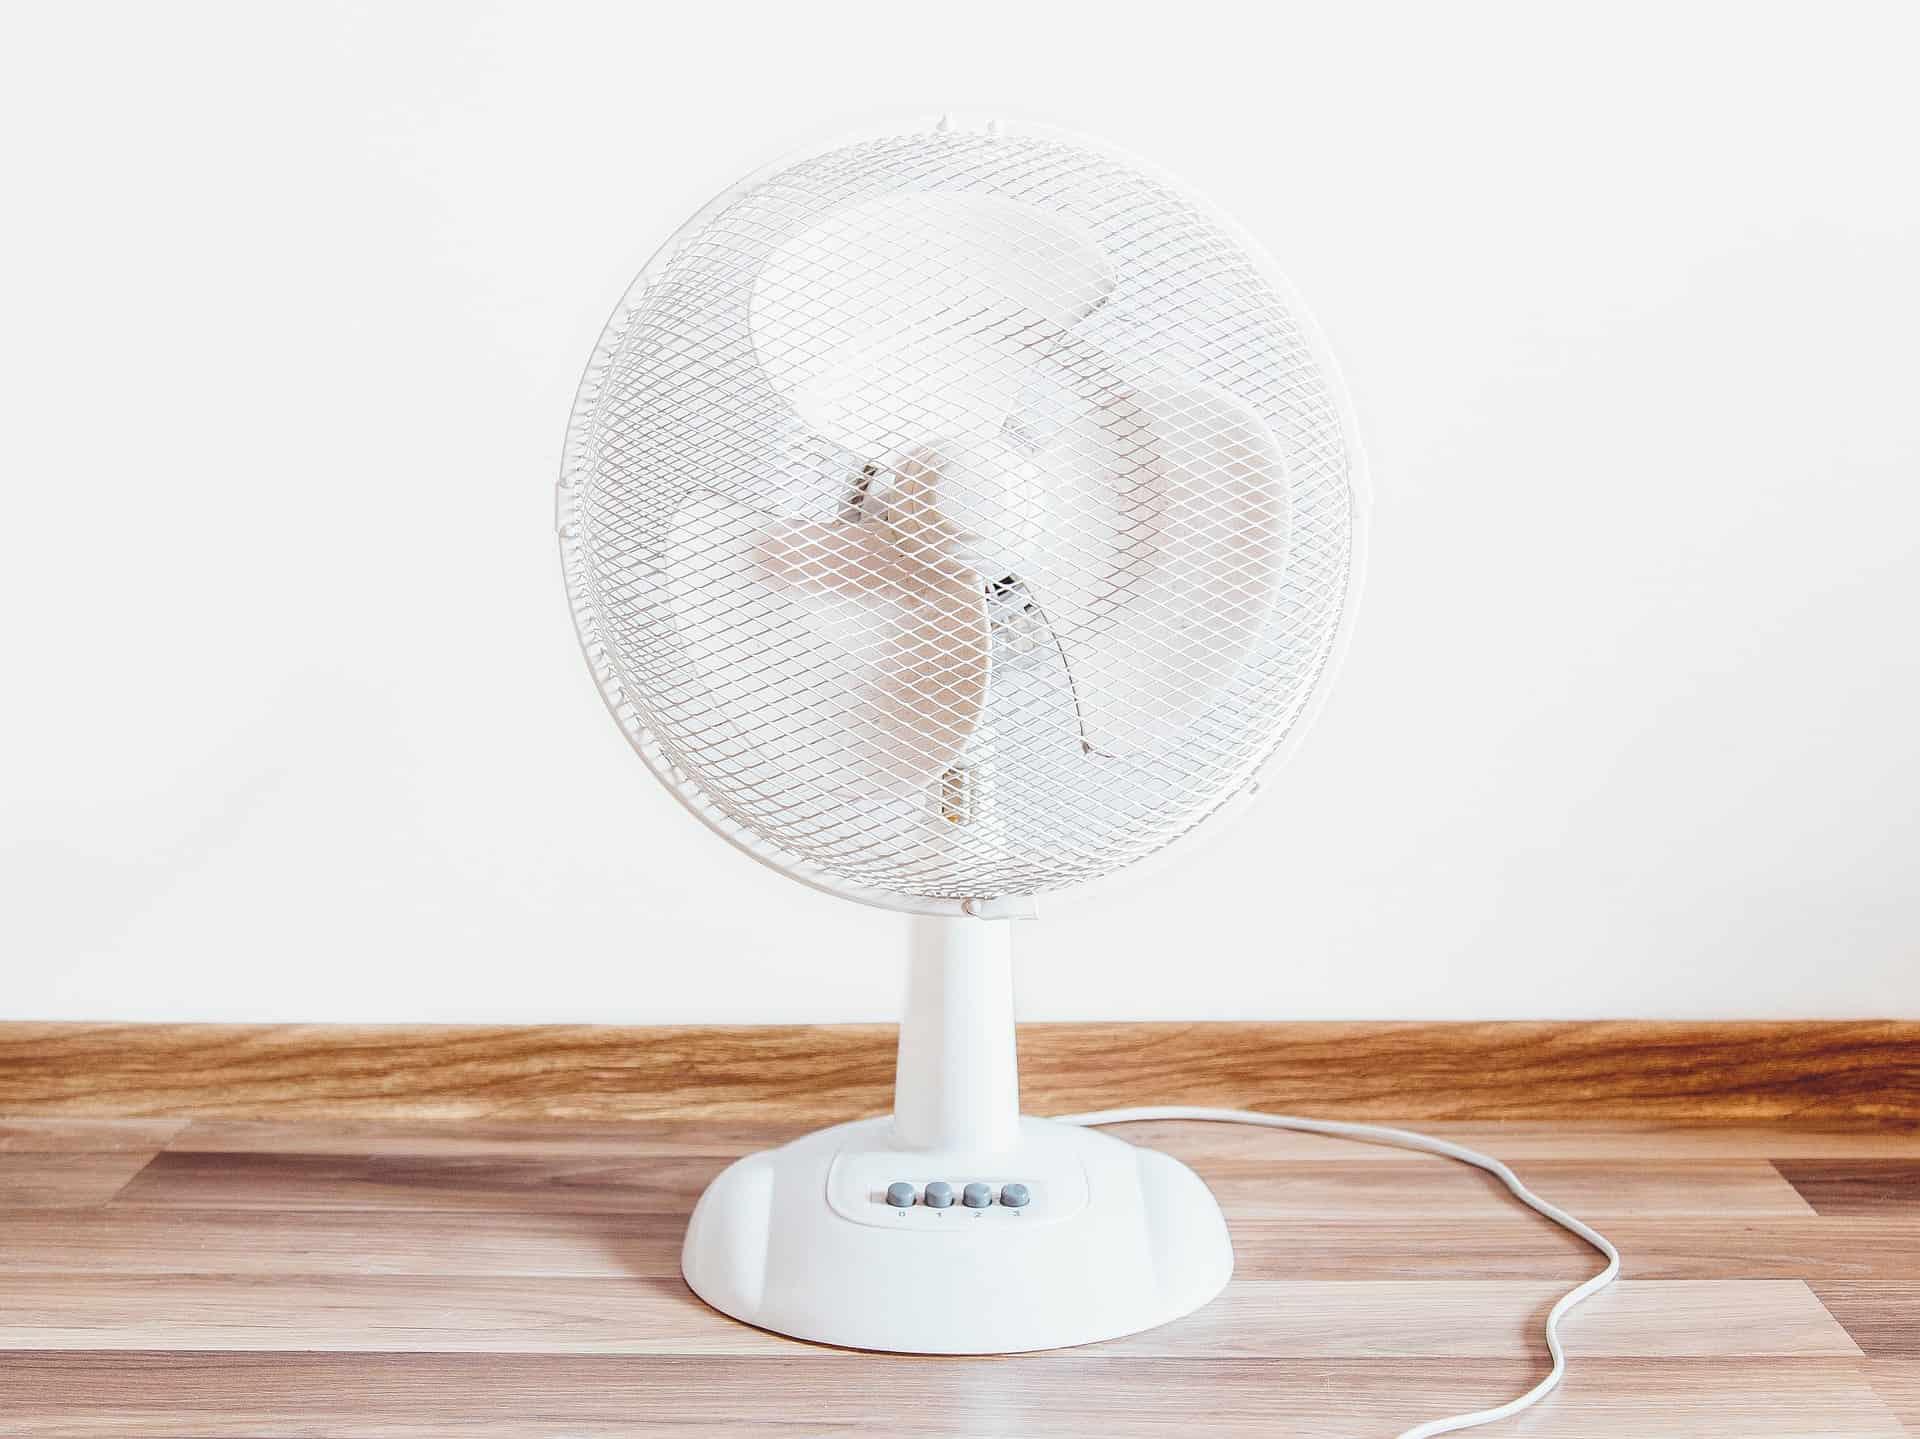 Foto de um ventilador branco, de três pás, no chão, com uma parede branca ao fundo.